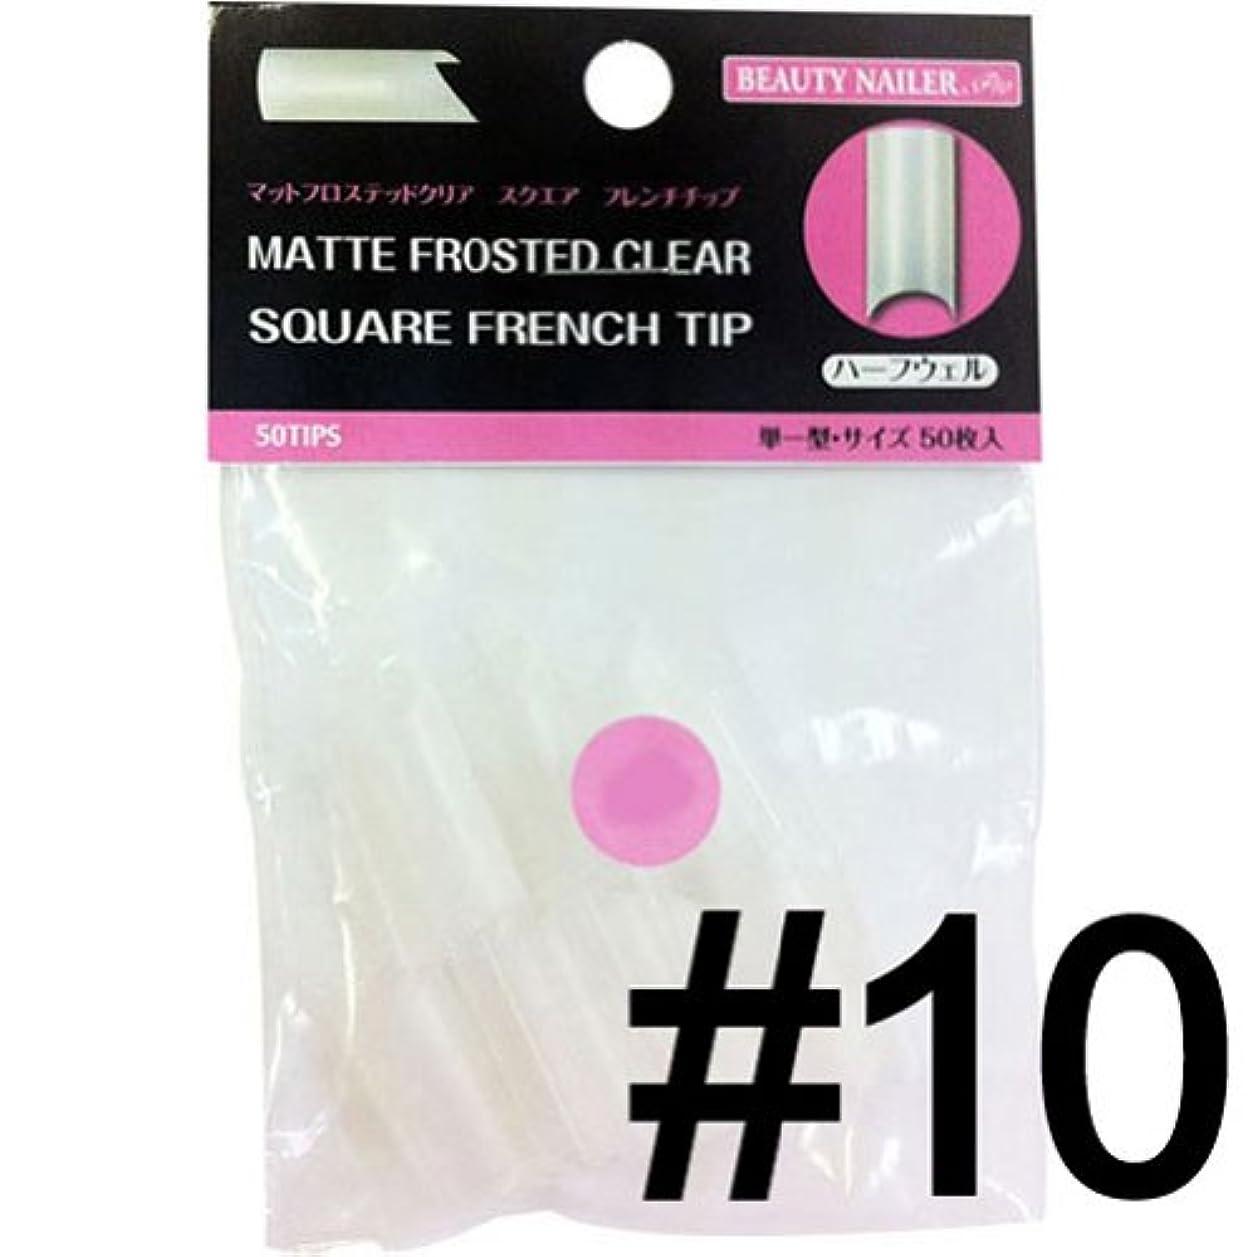 破裂留まるテクトニックビューティーネイラー ネイルチップ ナマットフロステッドクリアスクエアフレンチチップ PMFC-10 #10